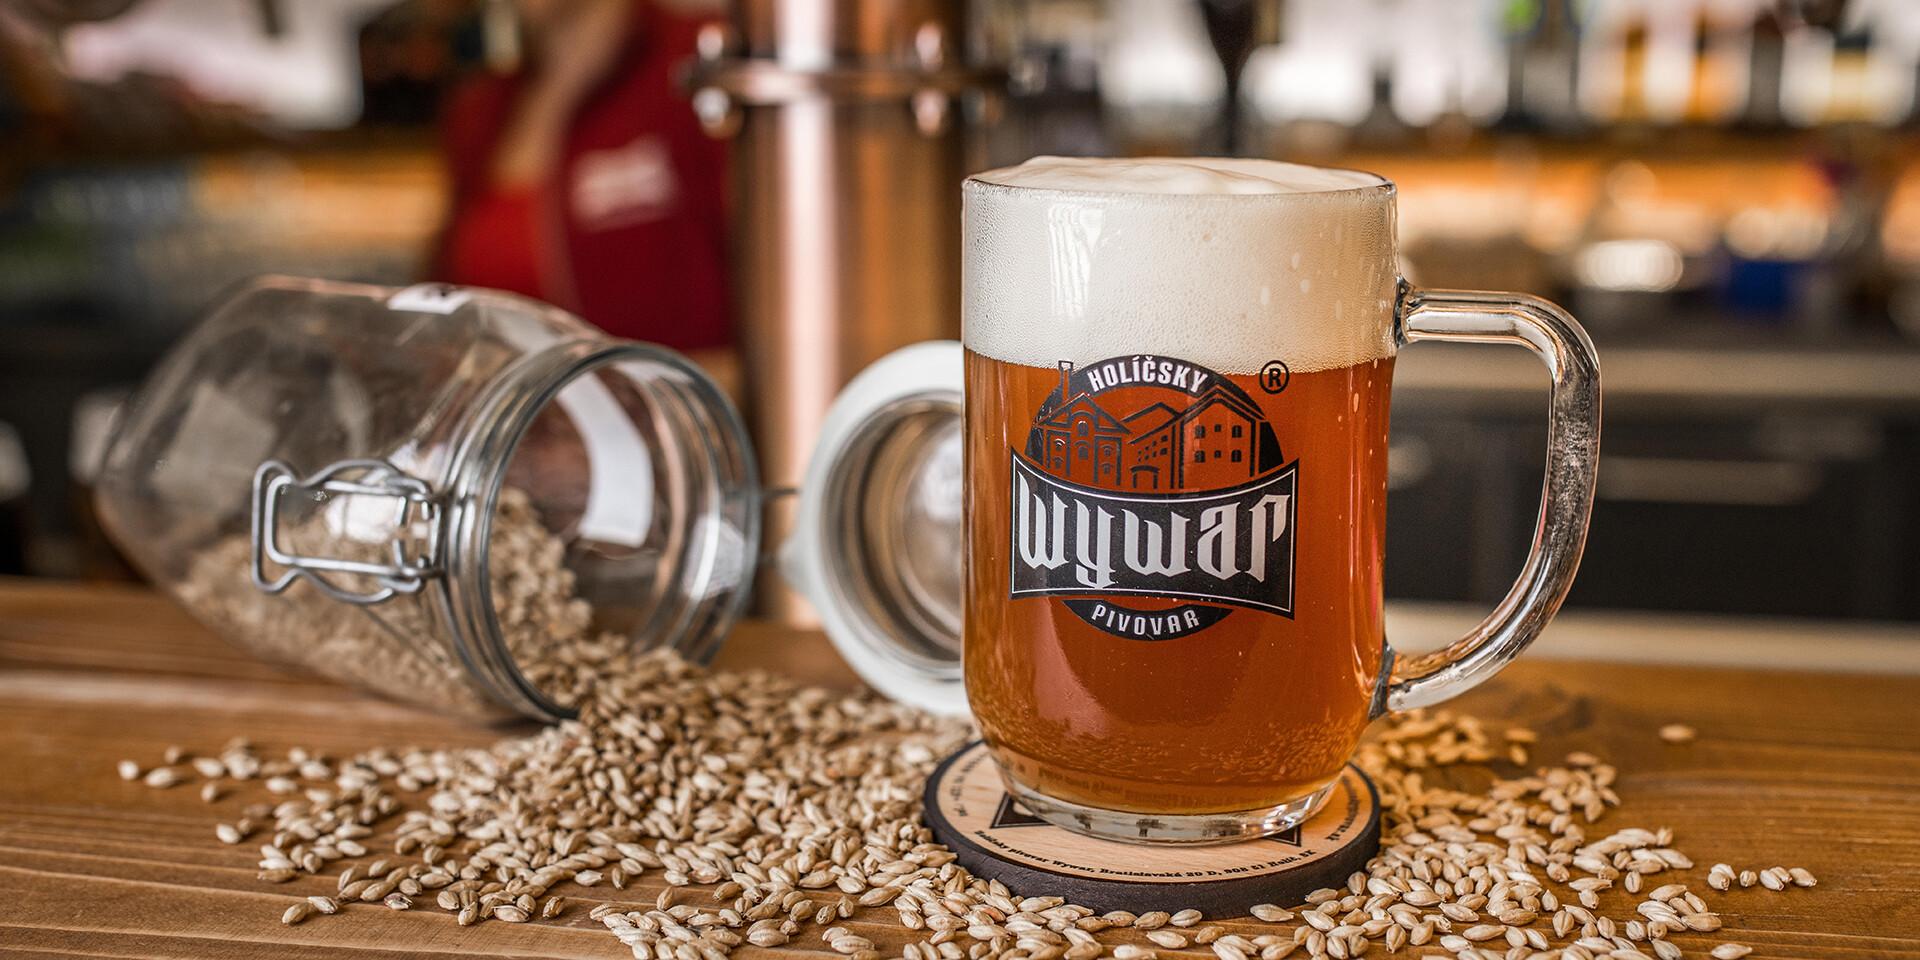 Prehliadka pivovaru WYWAR s degustáciou piva